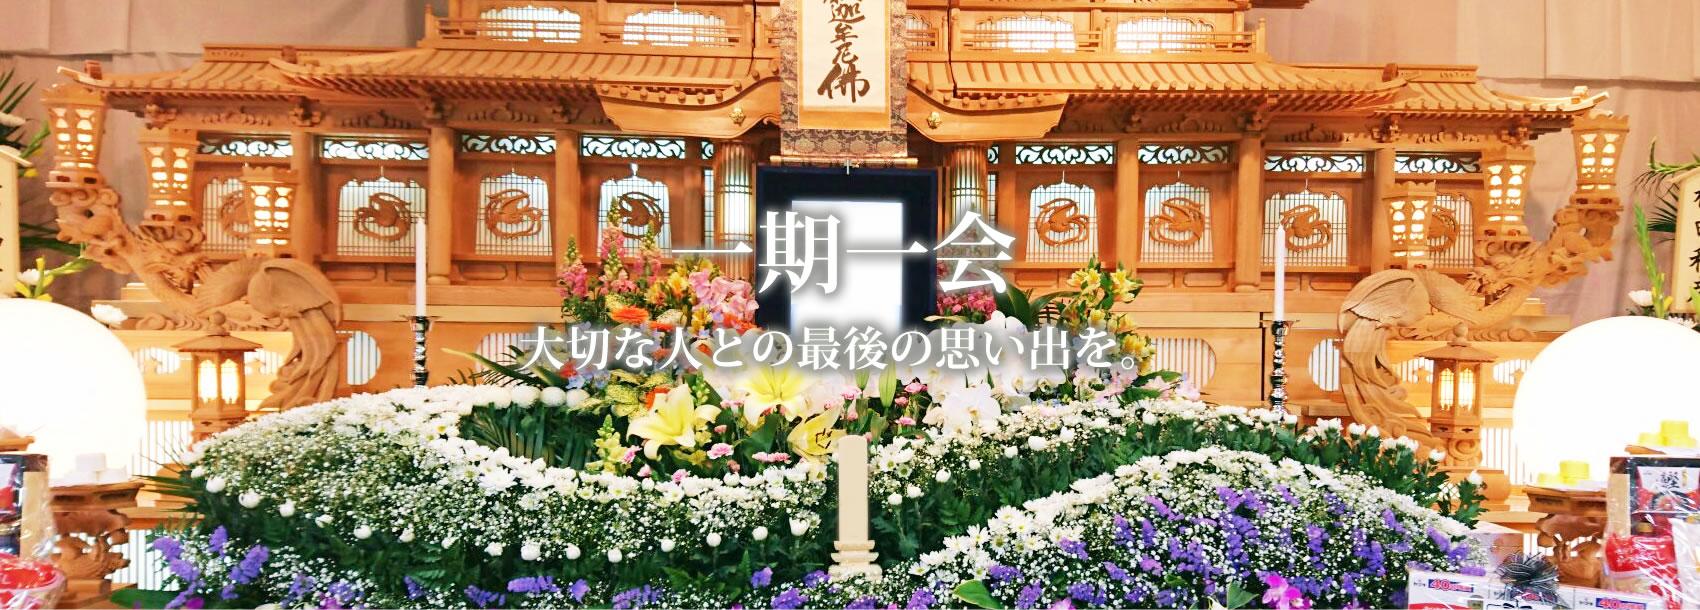 小さなお葬式、家族葬、火葬式なら京都の伸和社へお任せください